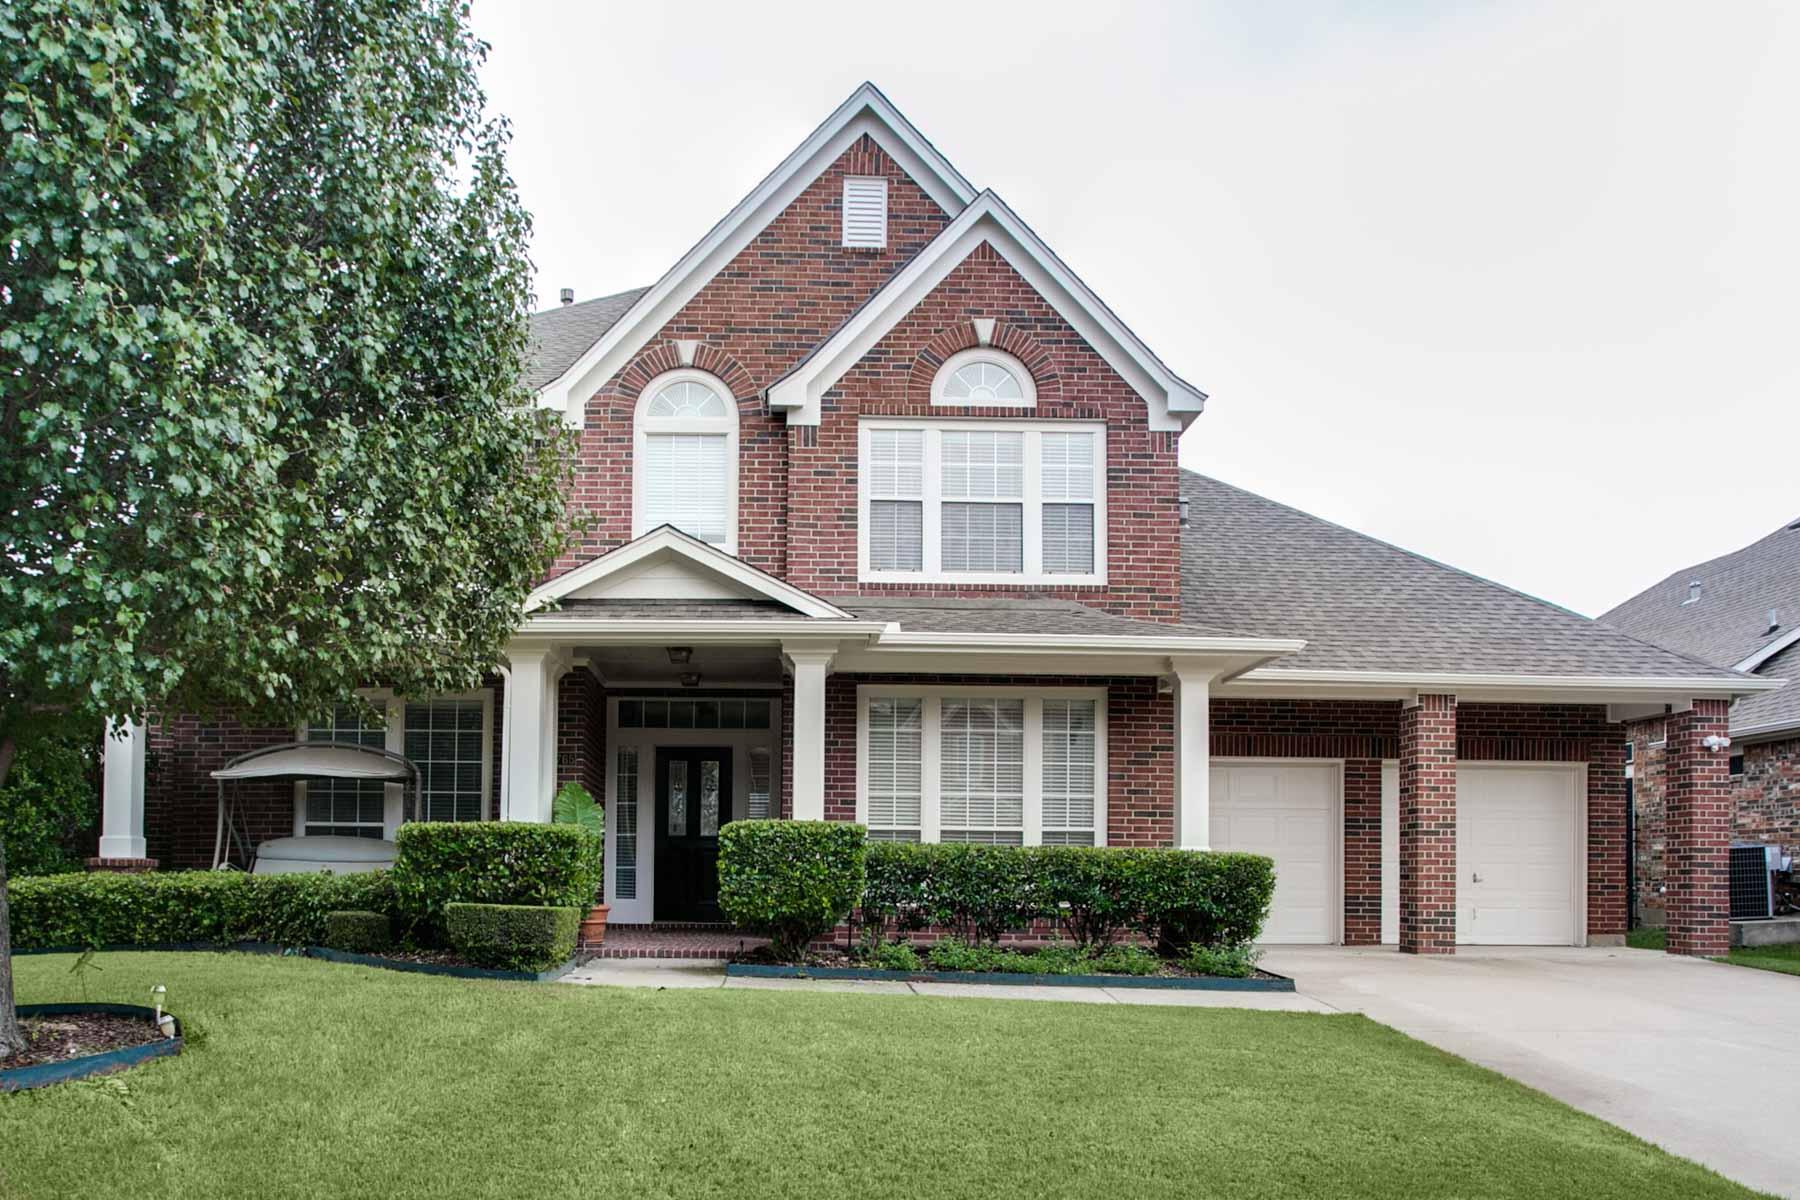 Nhà ở một gia đình vì Bán tại Traditional, Perry built home 4765 Edenwood Dr Fort Worth, Texas, 76123 Hoa Kỳ